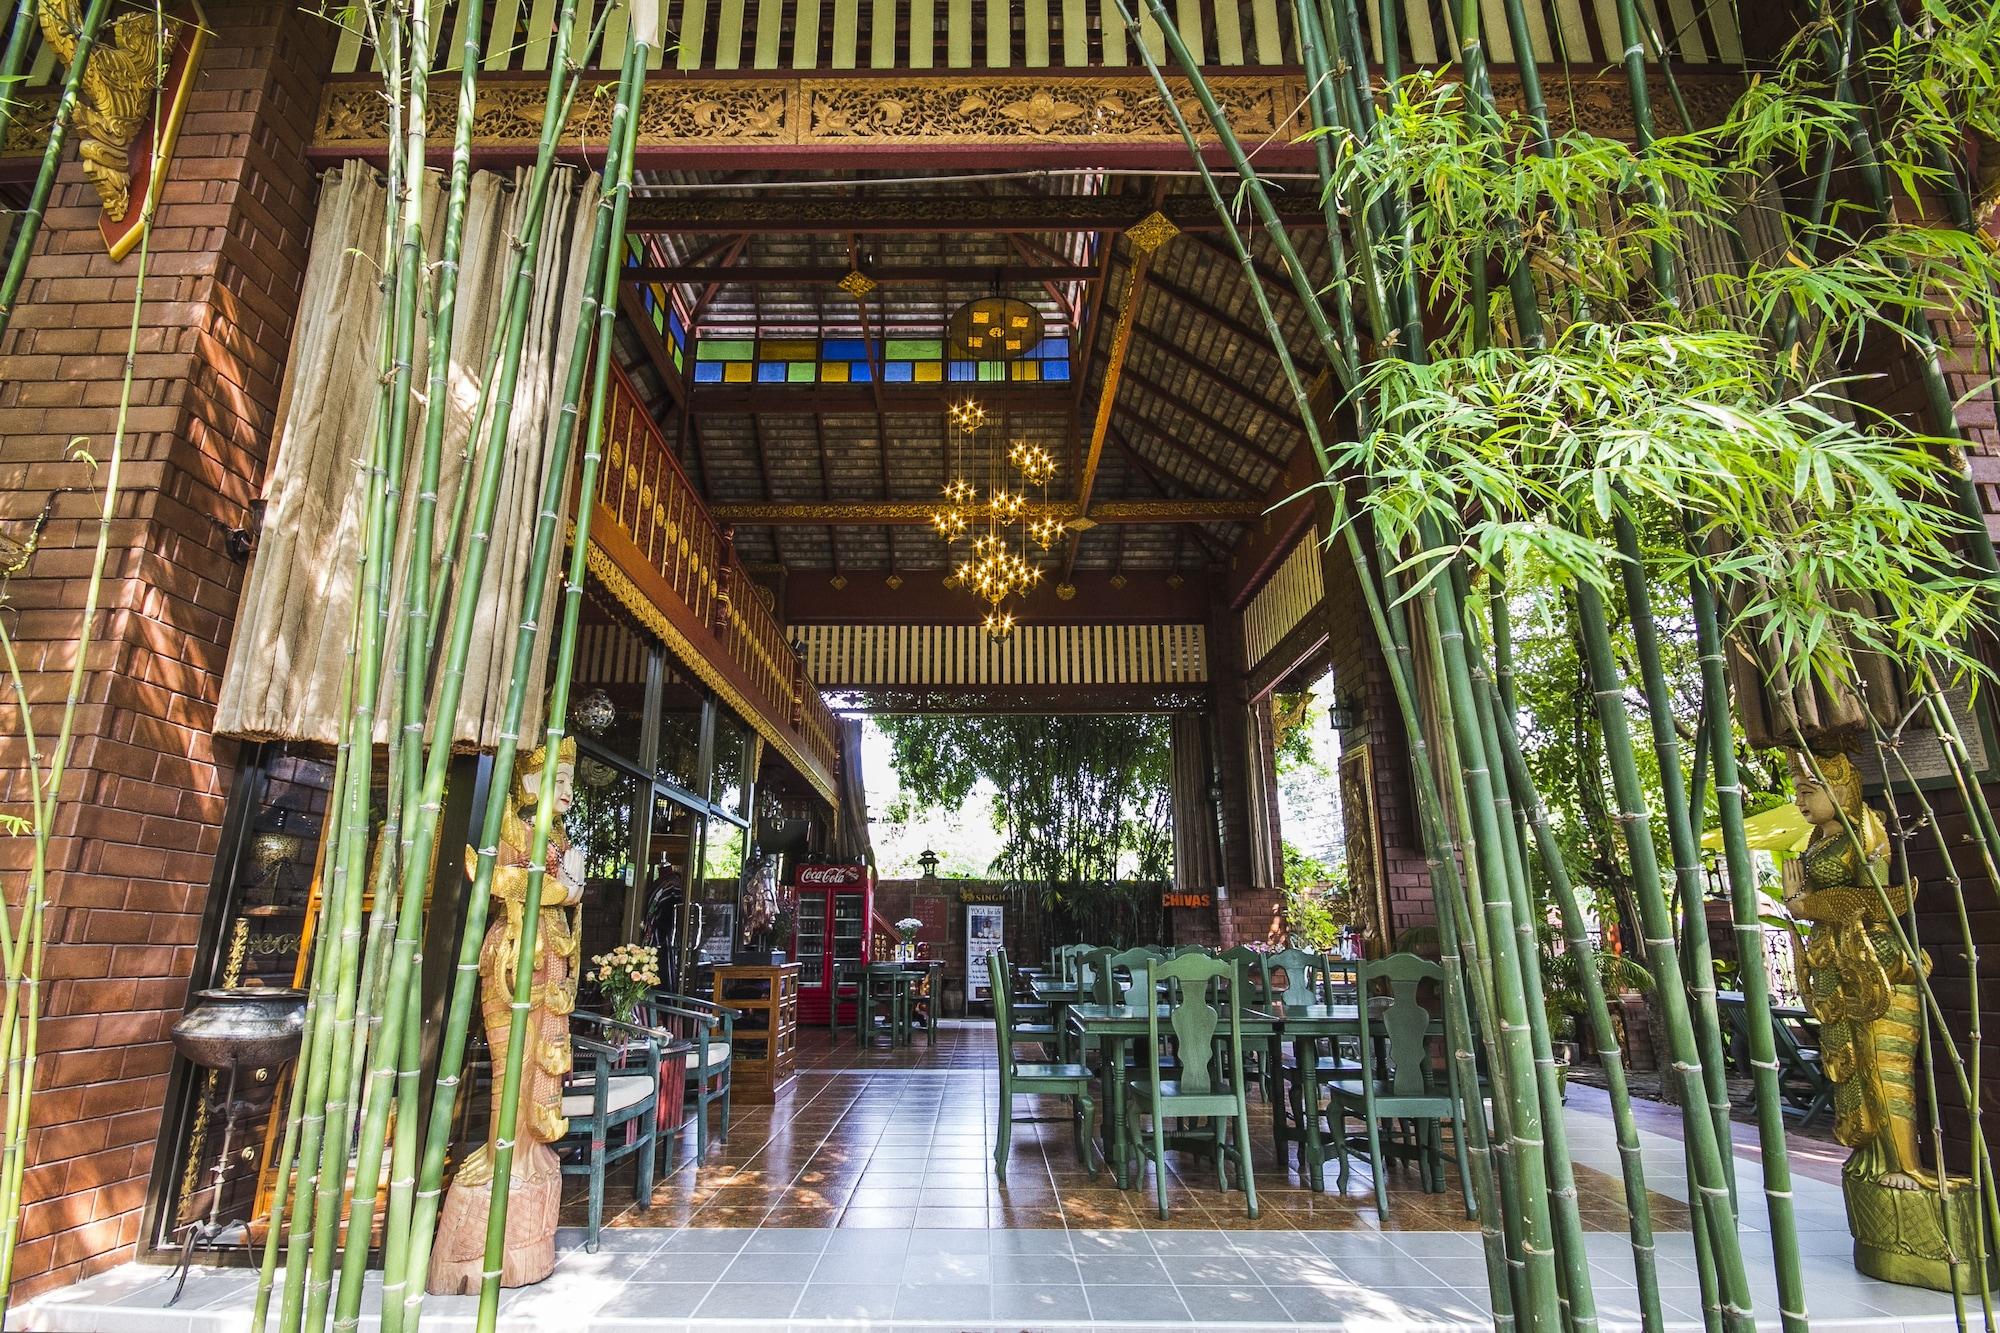 Irawadee Resort, Mae Sot